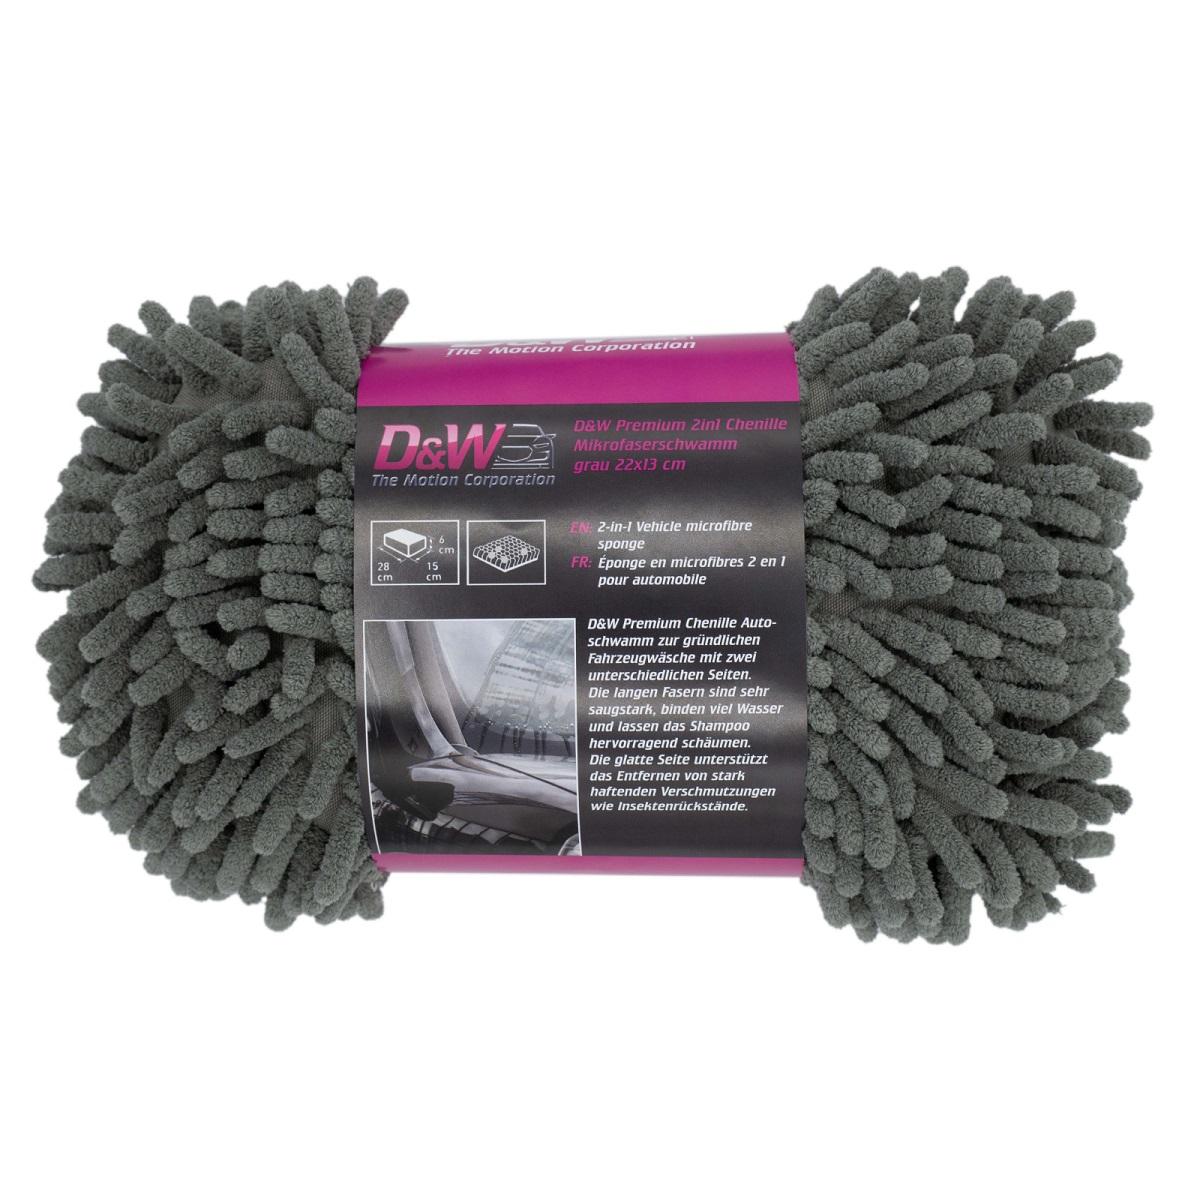 D&W Premium 2in1 Chenille Mikrofaserschwamm grau 22x13cm